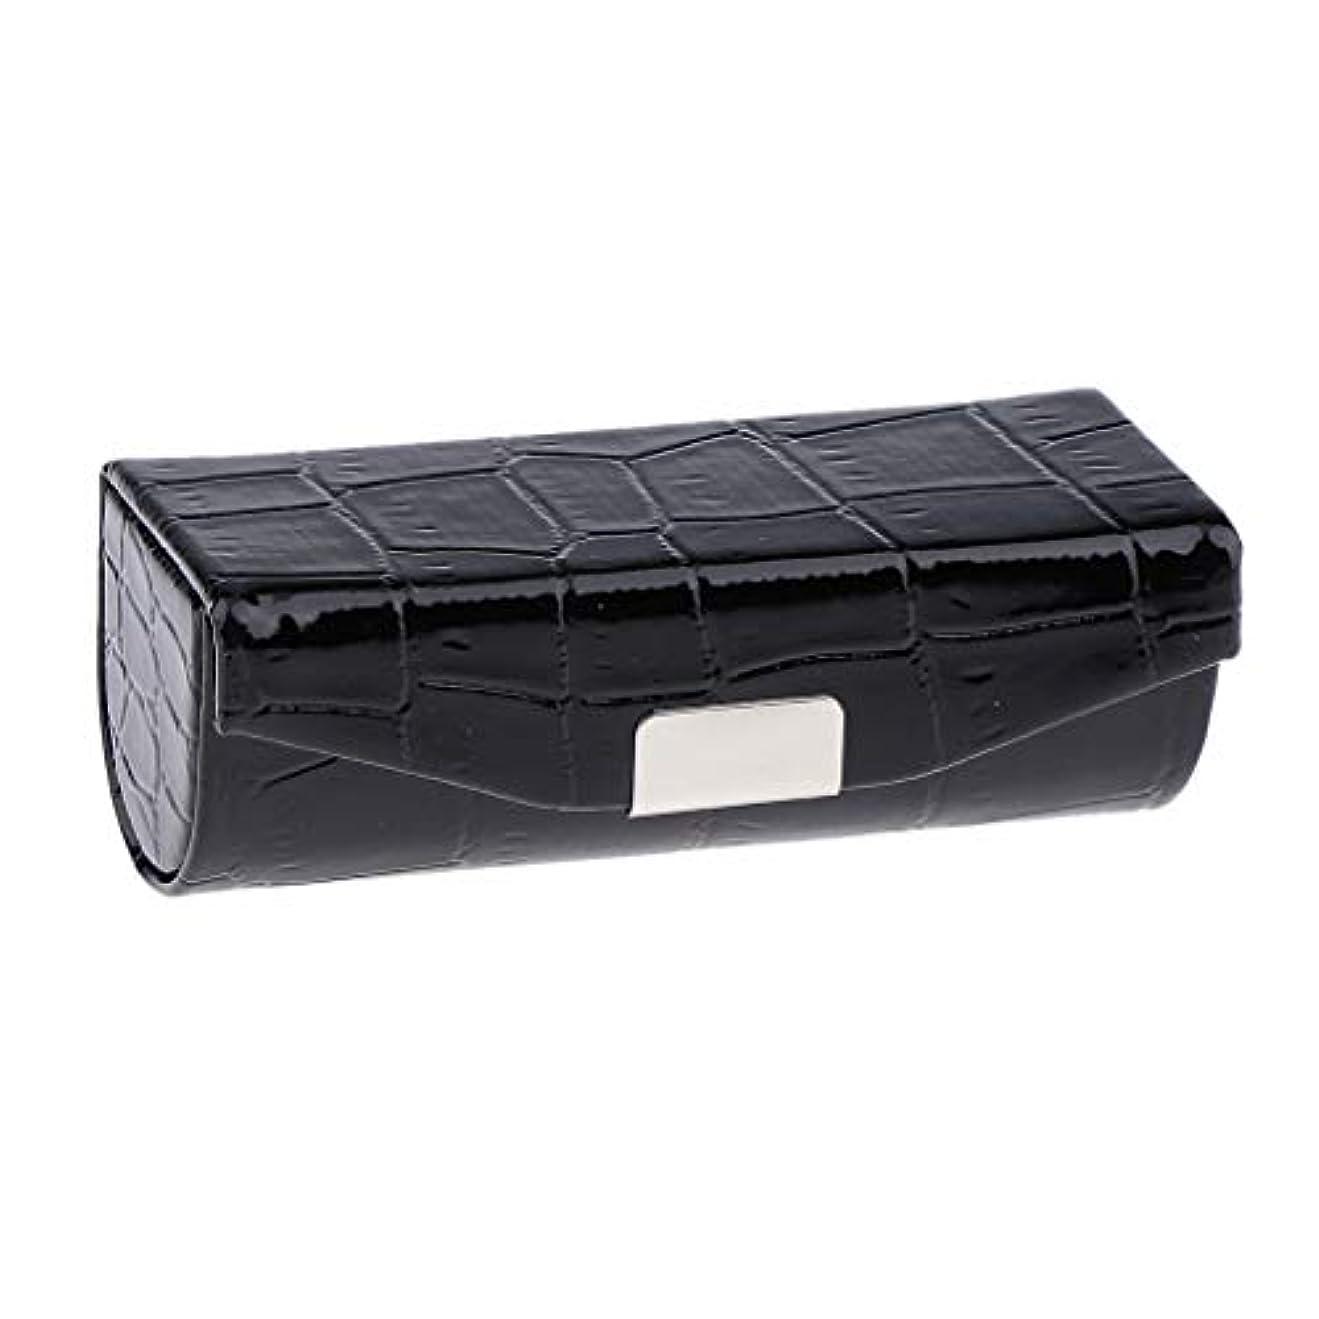 温度フィドル大学生Sharplace 口紅ケース 小物収納ケース プレゼント ミラー付き 多色選べ - ブラック